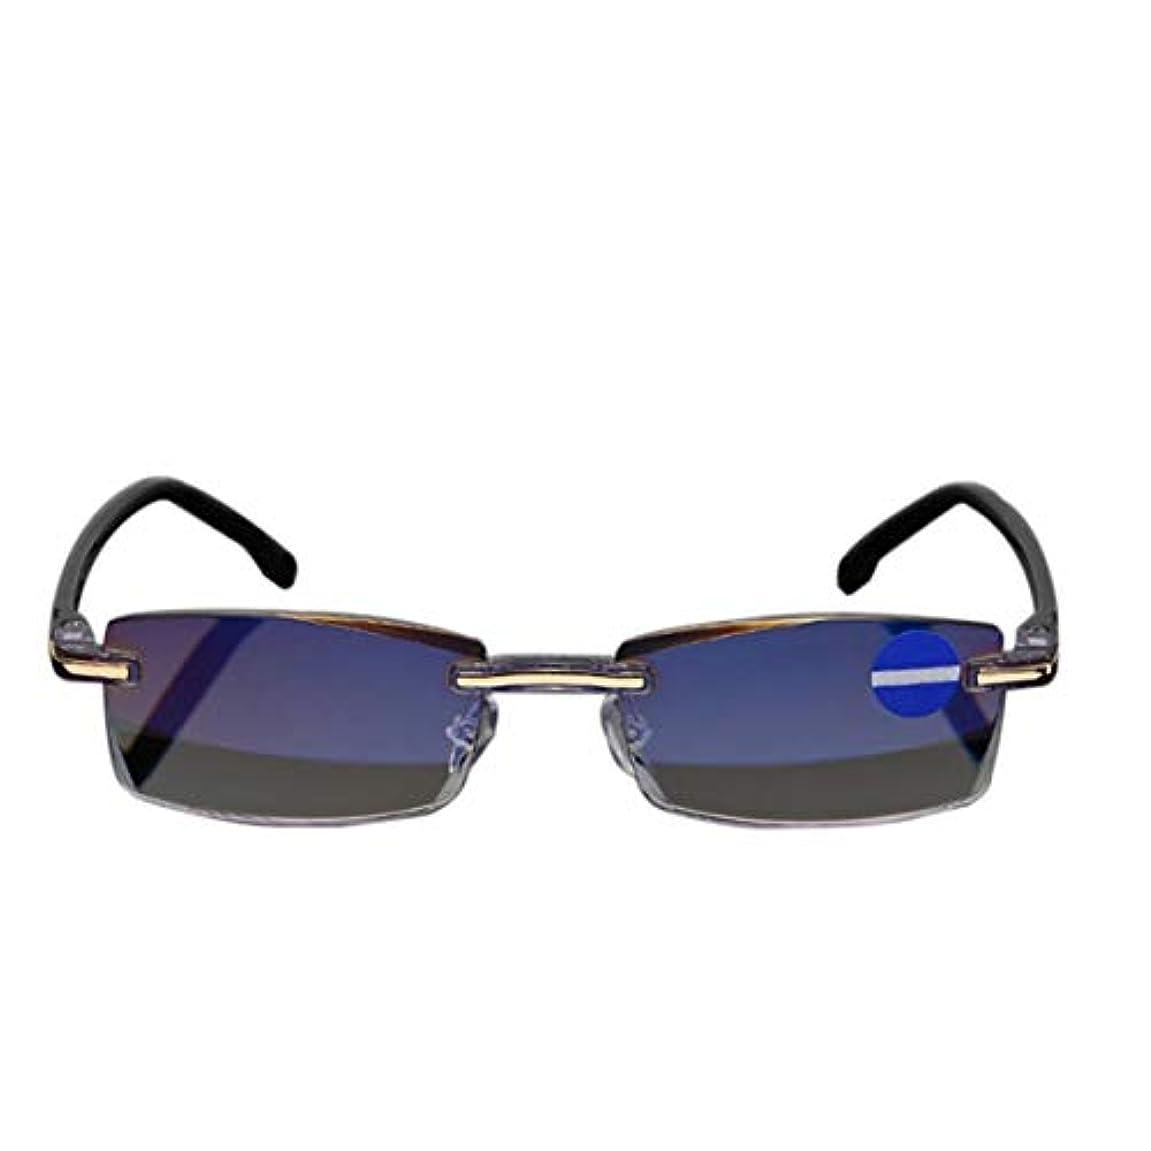 チャットボウル隔離Intercoreyリムレスダイヤモンドカット老眼鏡アンチブルーライトおよびブルーフィルム統合された女性男性+1 - + 4全学